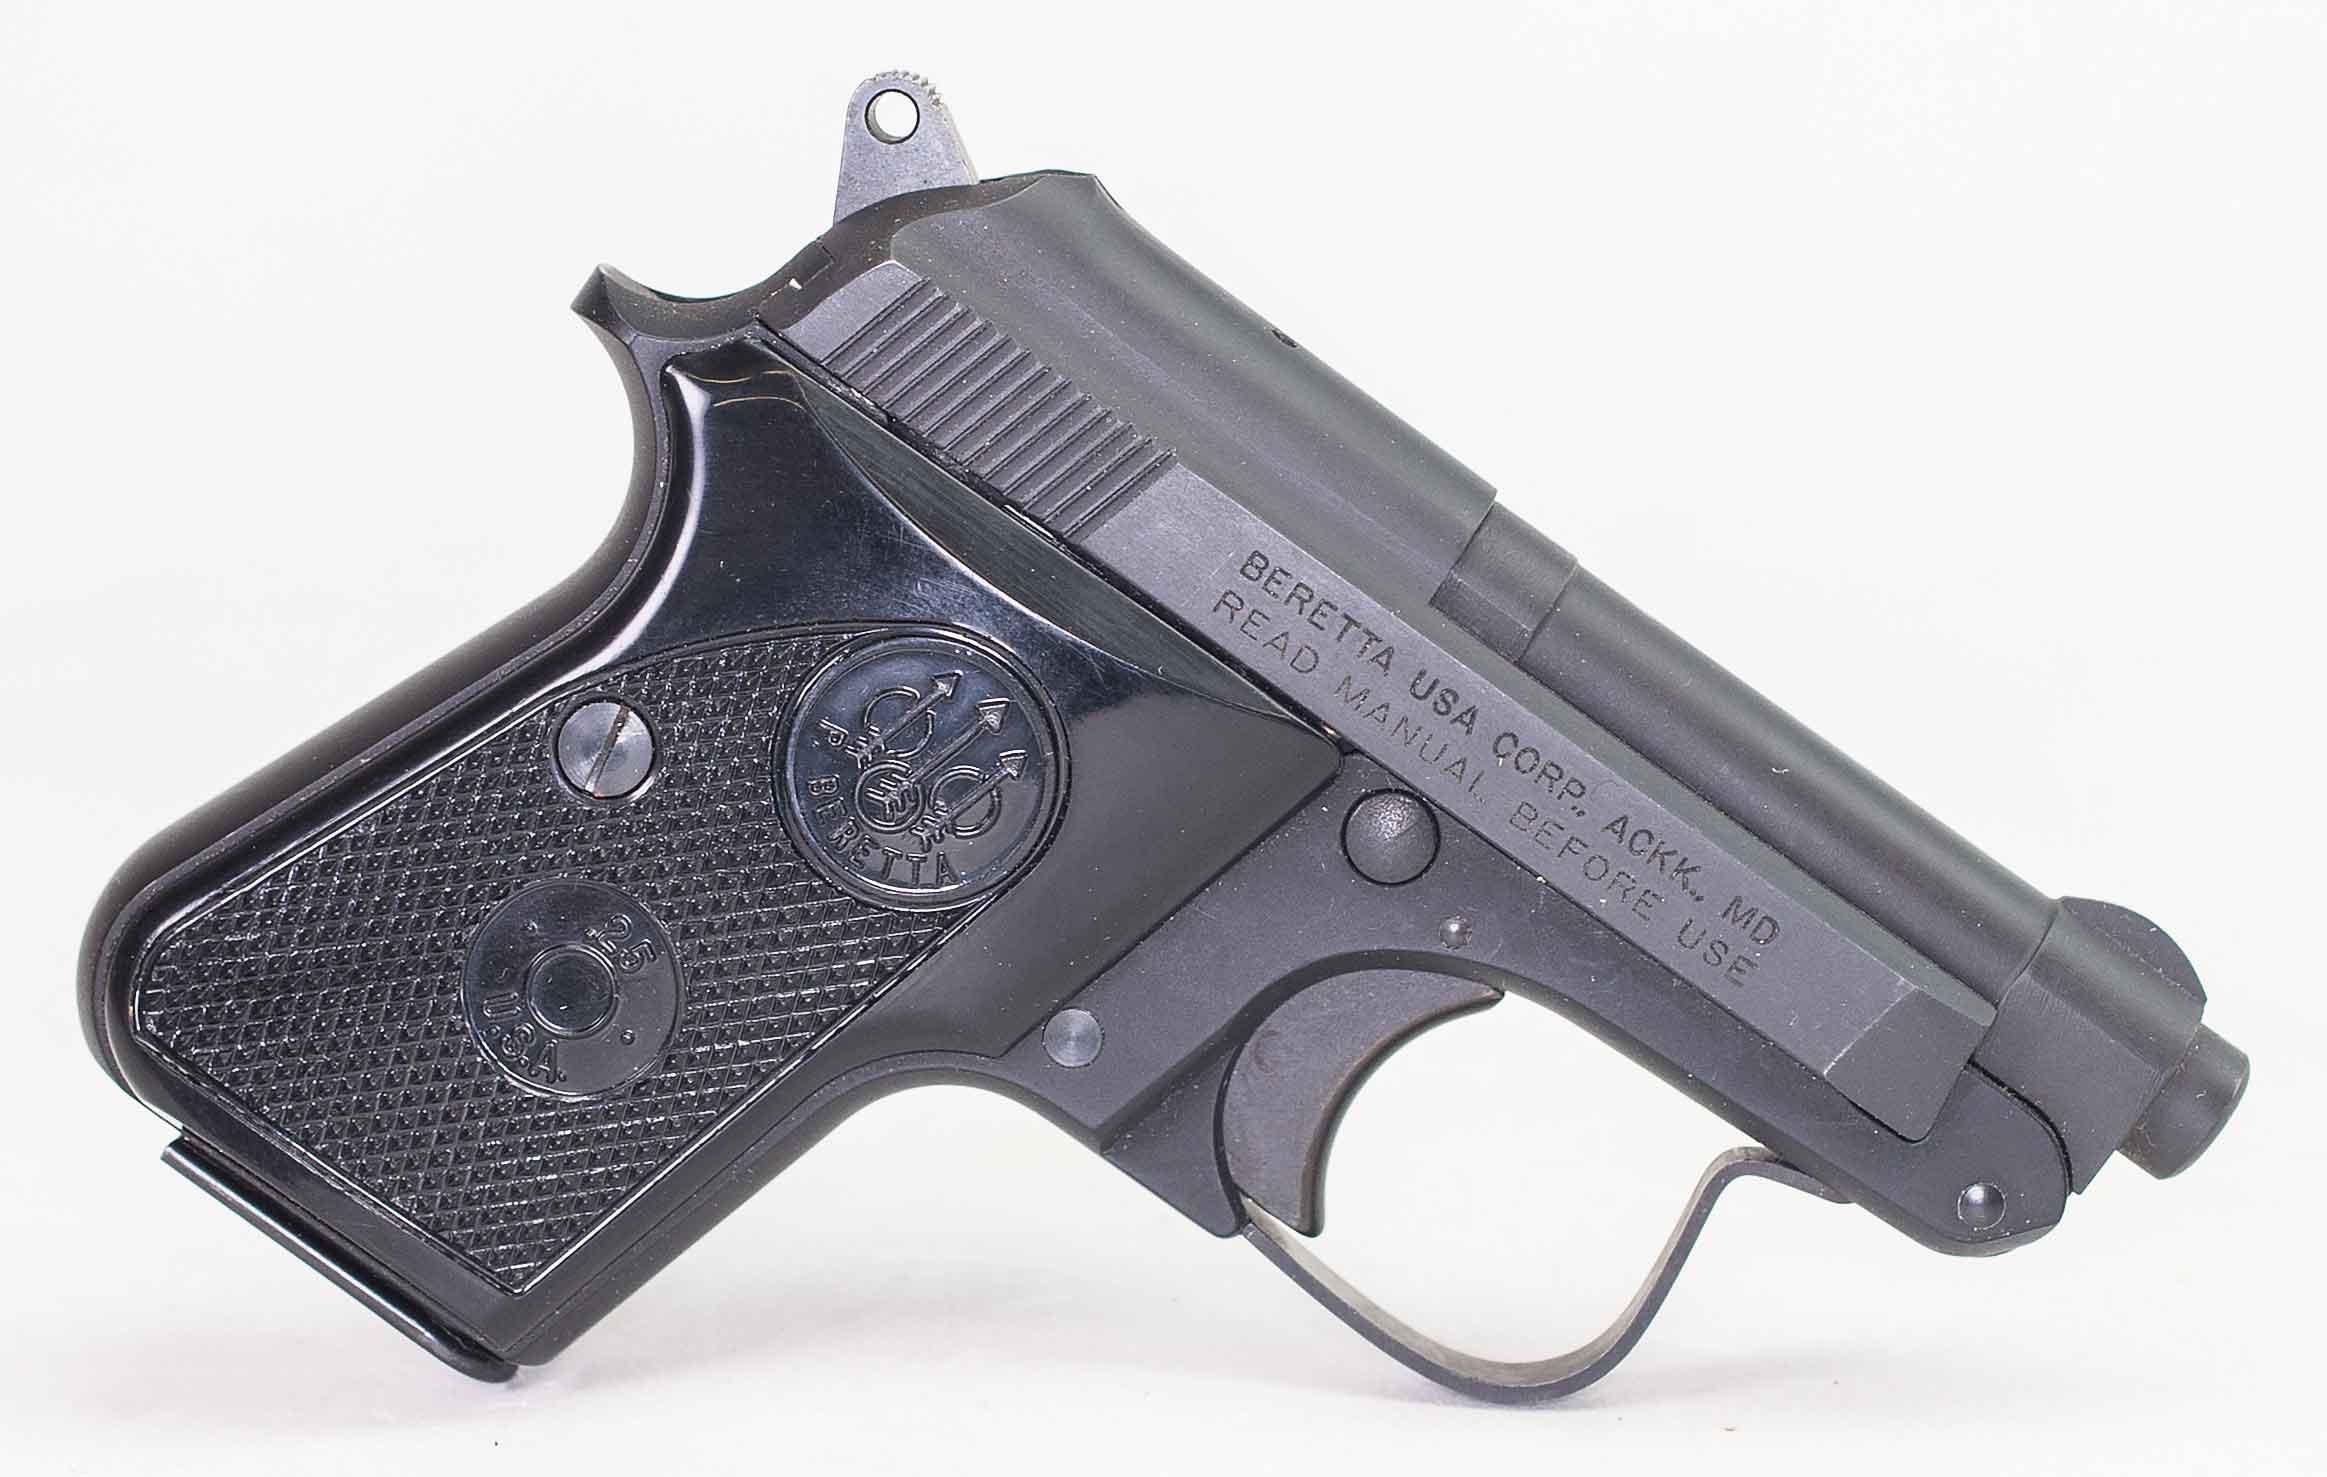 BERETTA 950BS – 25 ACP (Auction ID: 12455911, End Time : Sep